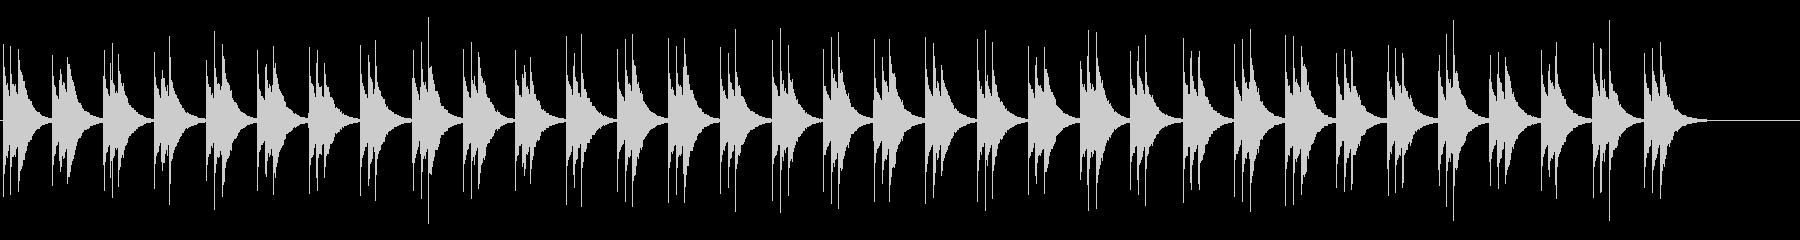 不安感を煽るオルゴール曲の未再生の波形